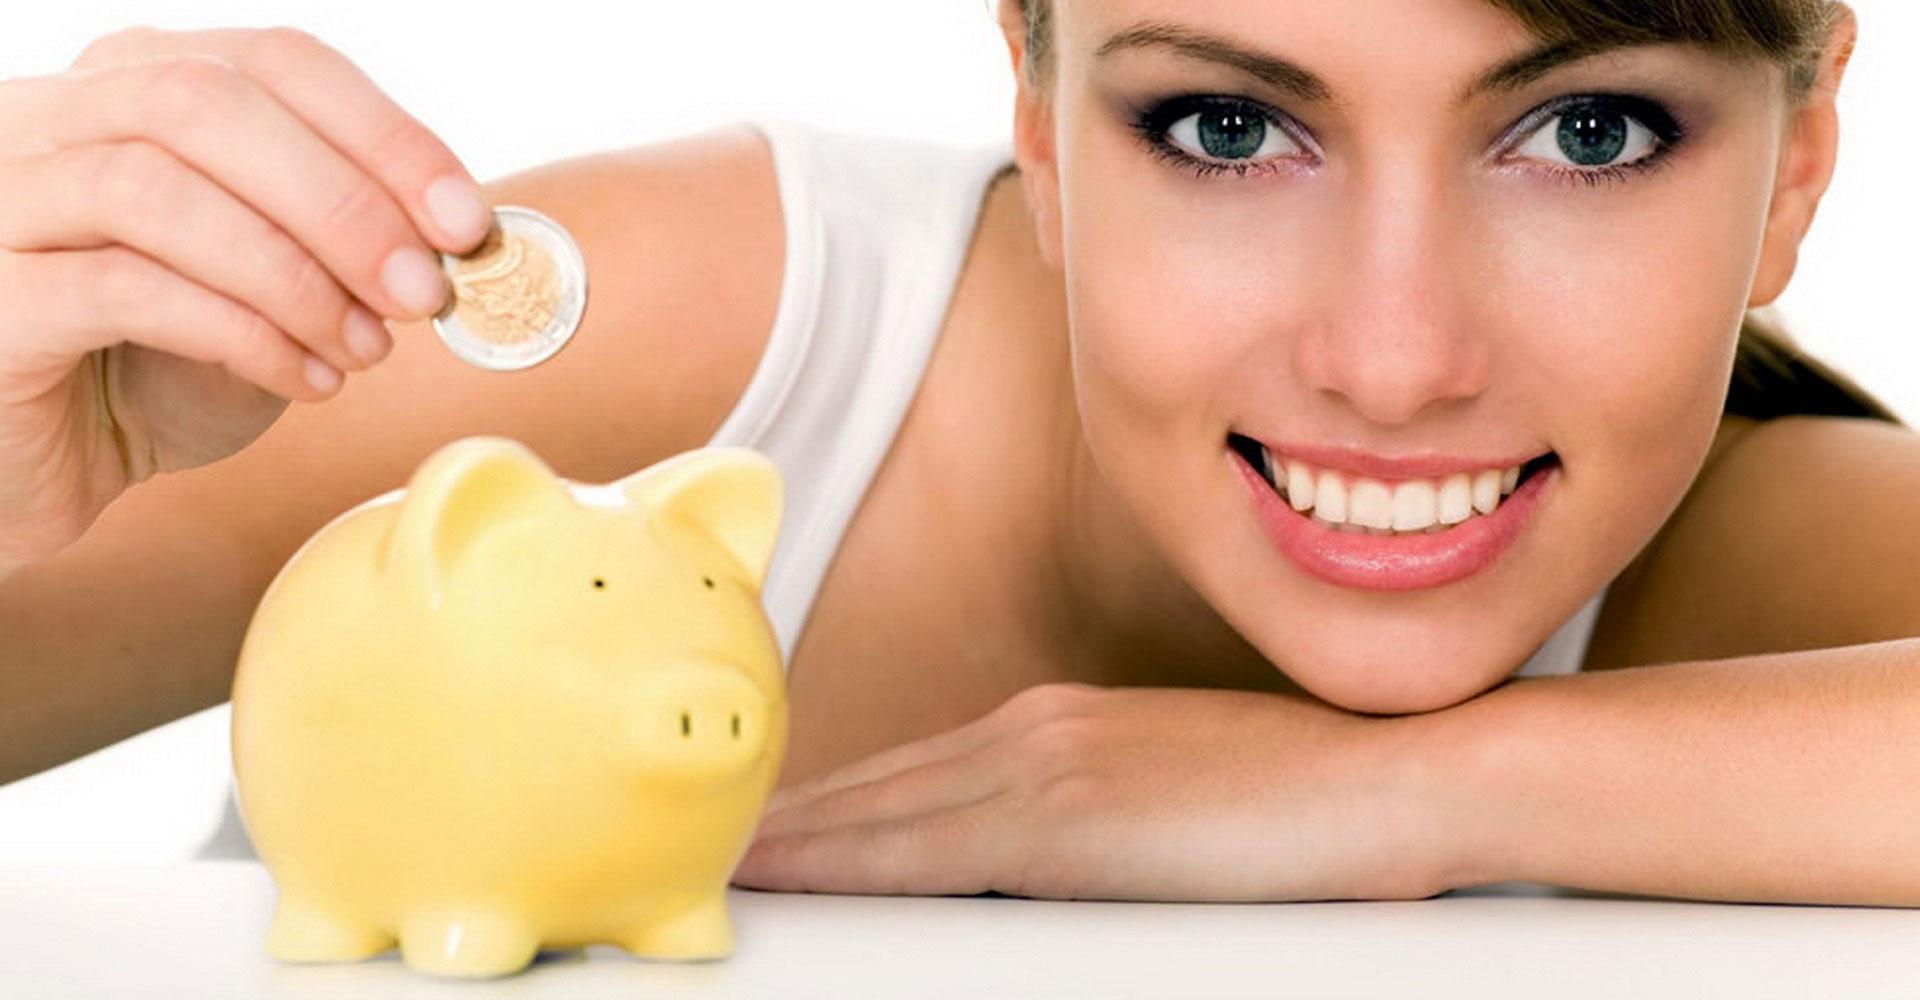 Odontoiatra Ferrara Dentista Ferrara Studio Odontoiatrico Dott. Nicola Mobilio Servizi - Finanziamenti e Prezzi Chiari e Trasparenti